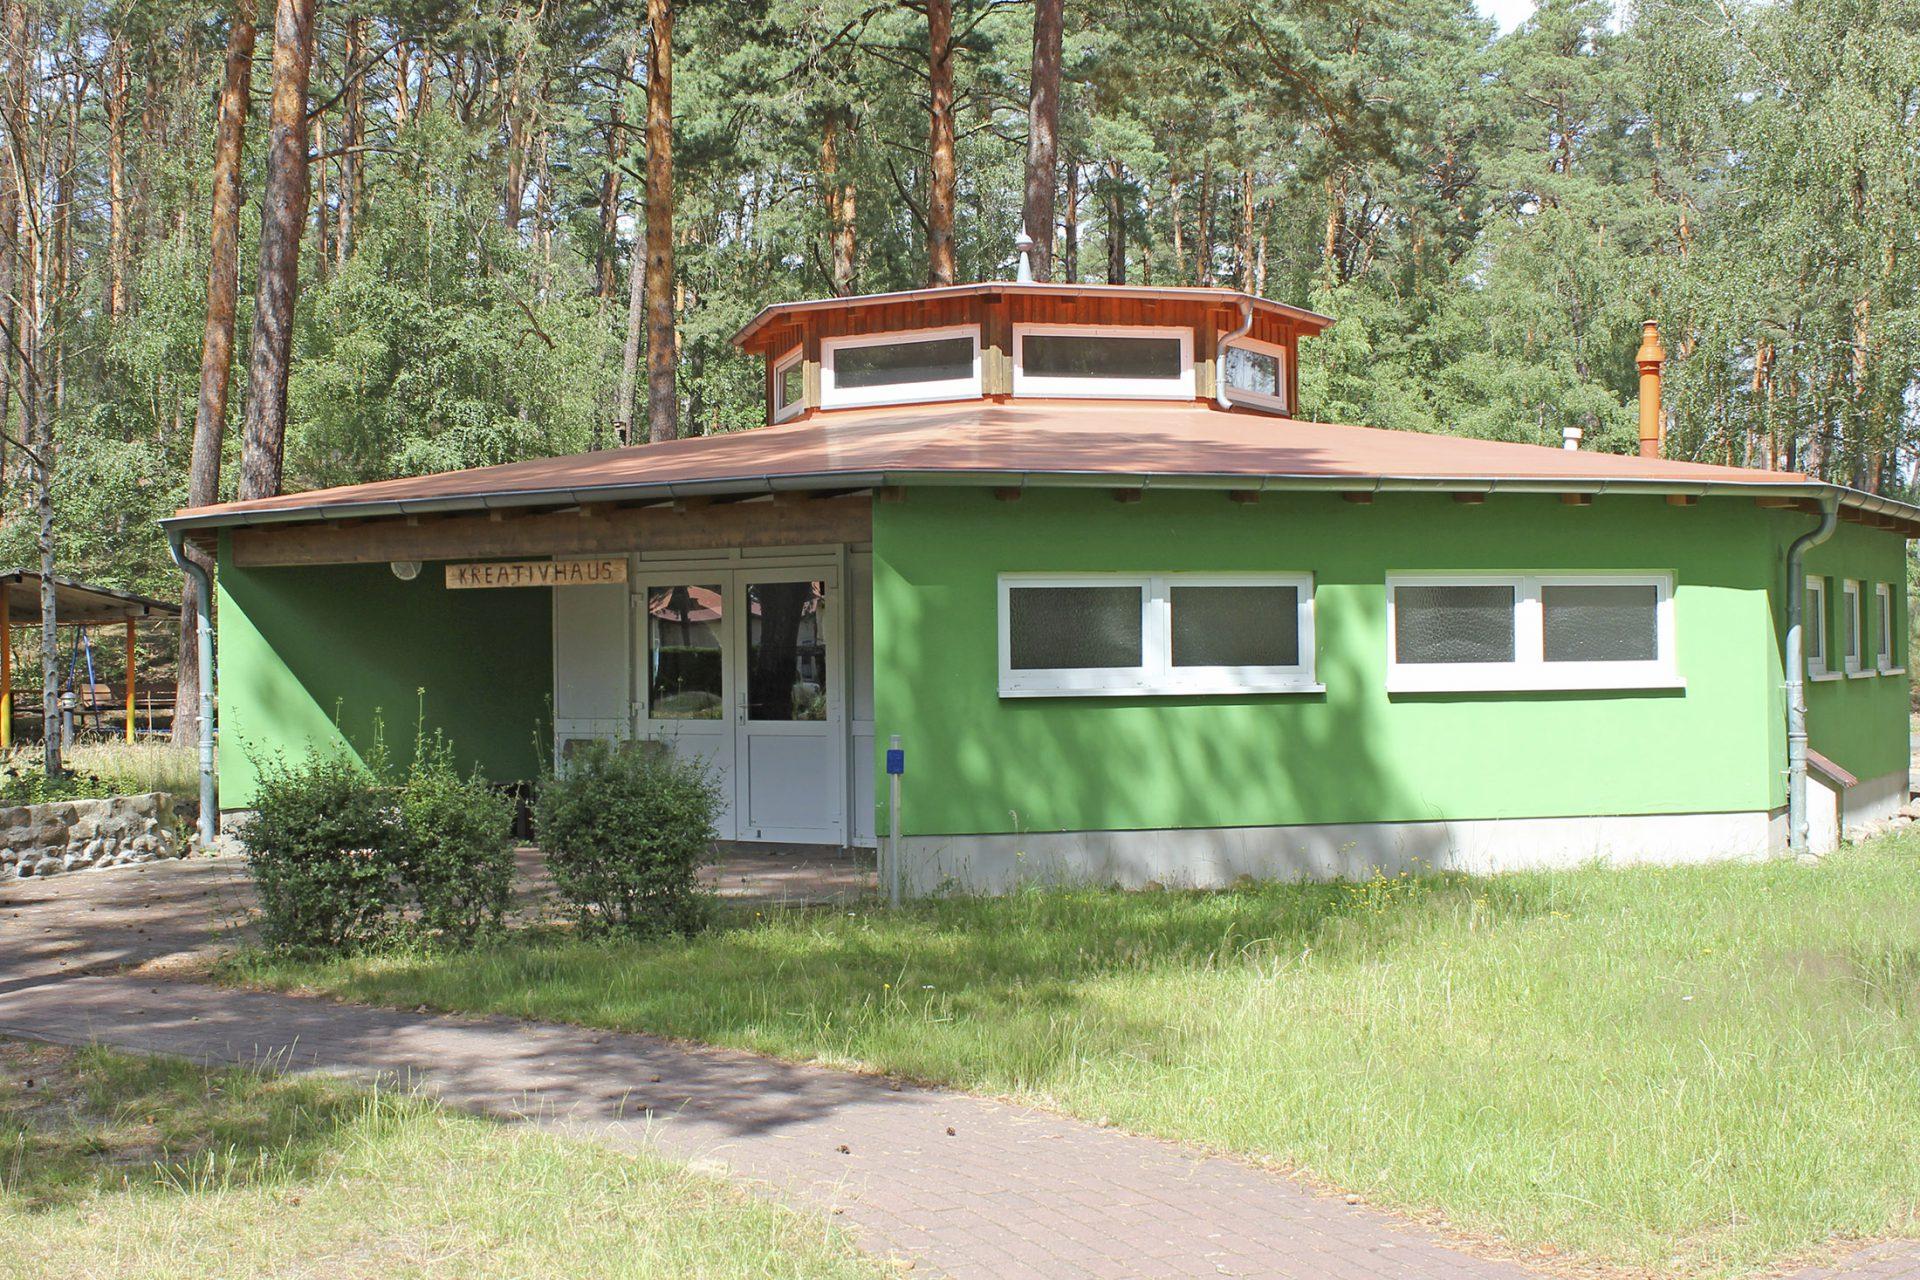 Freizeitmöglichkeiten auf dem Gelände der IDA Arendsee – das Kreativhaus